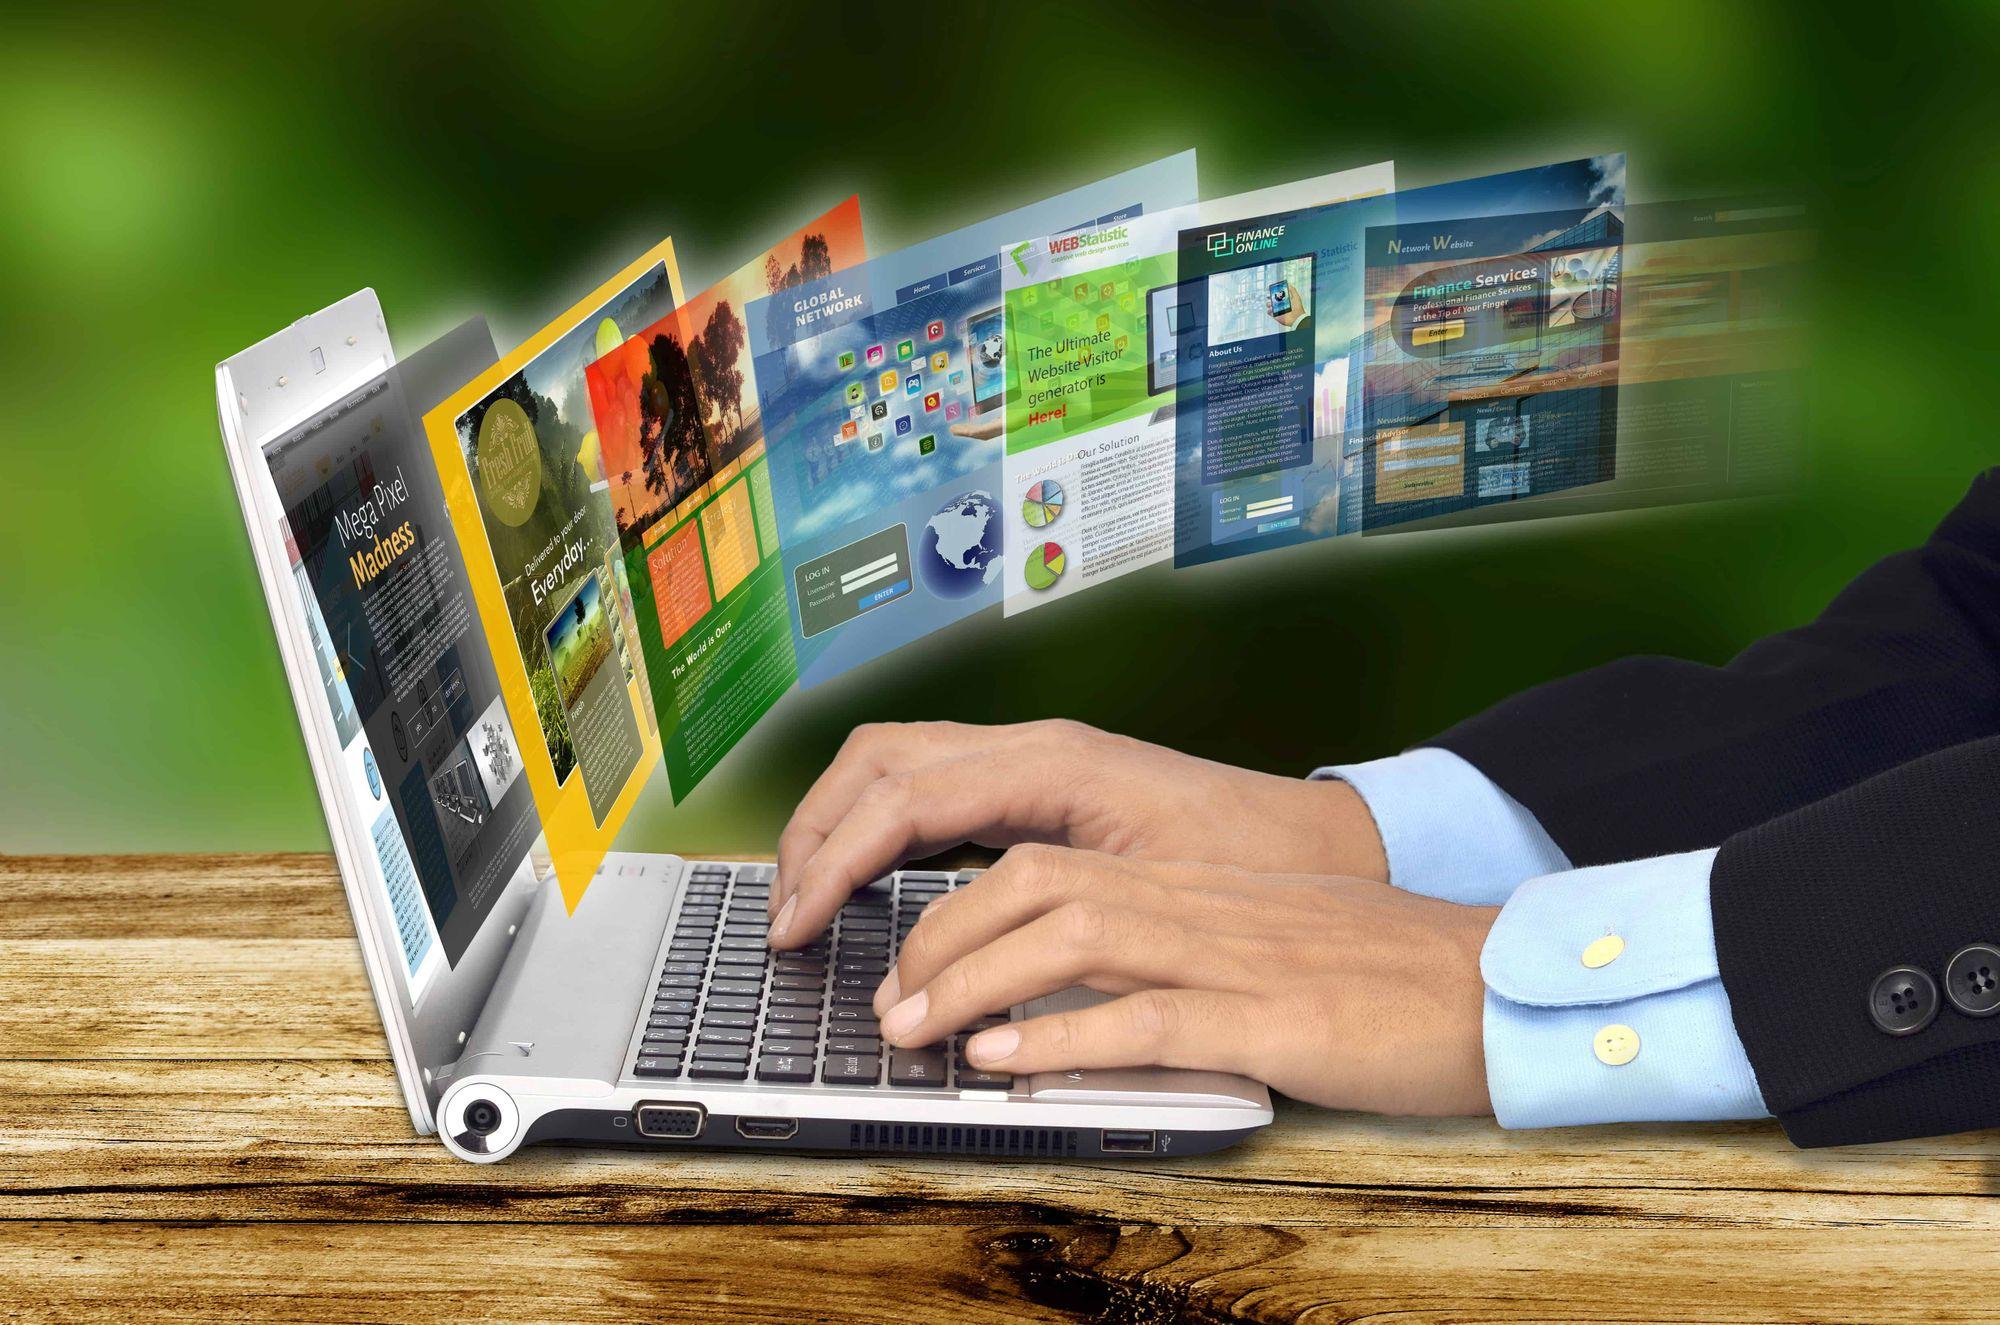 Онлайн-сервисы, которые выручают в периоды «самоизоляций». Часть 2